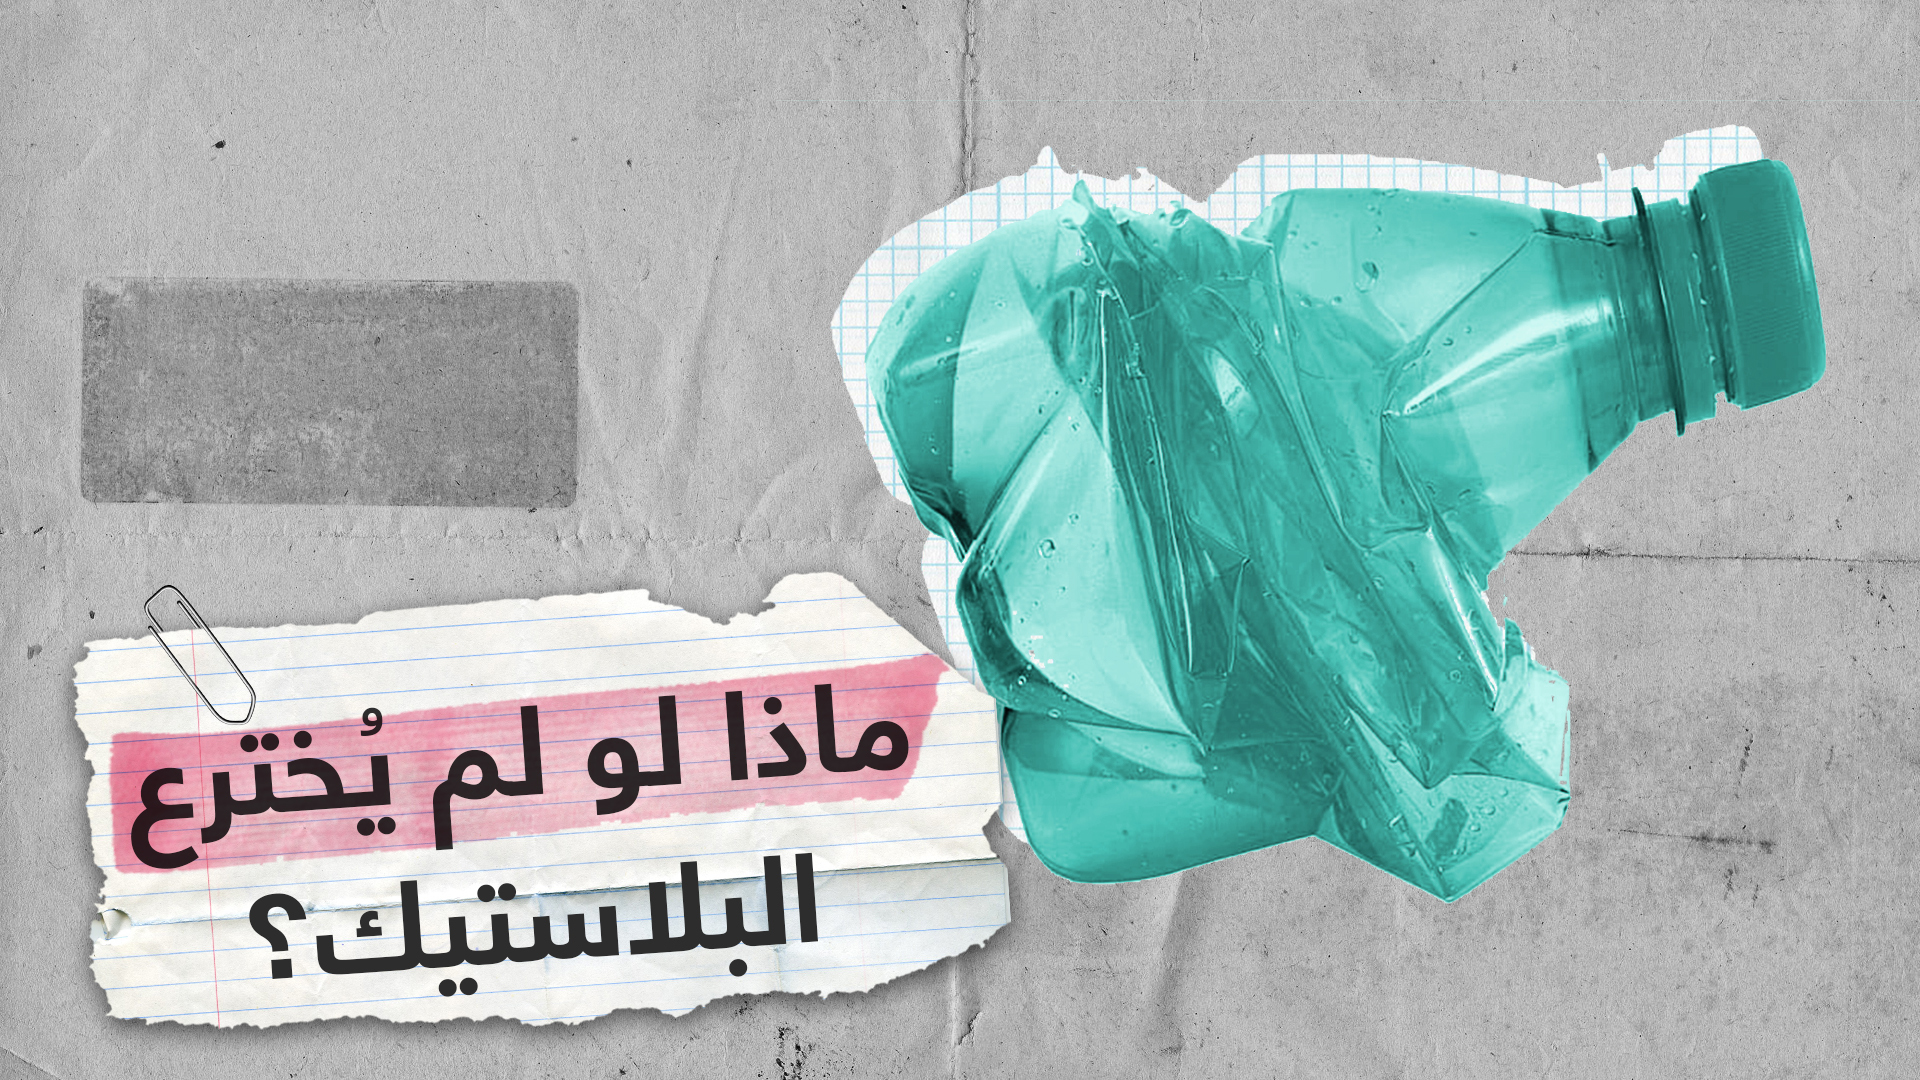 ماذا لو لم يخترع البشر البلاستيك؟